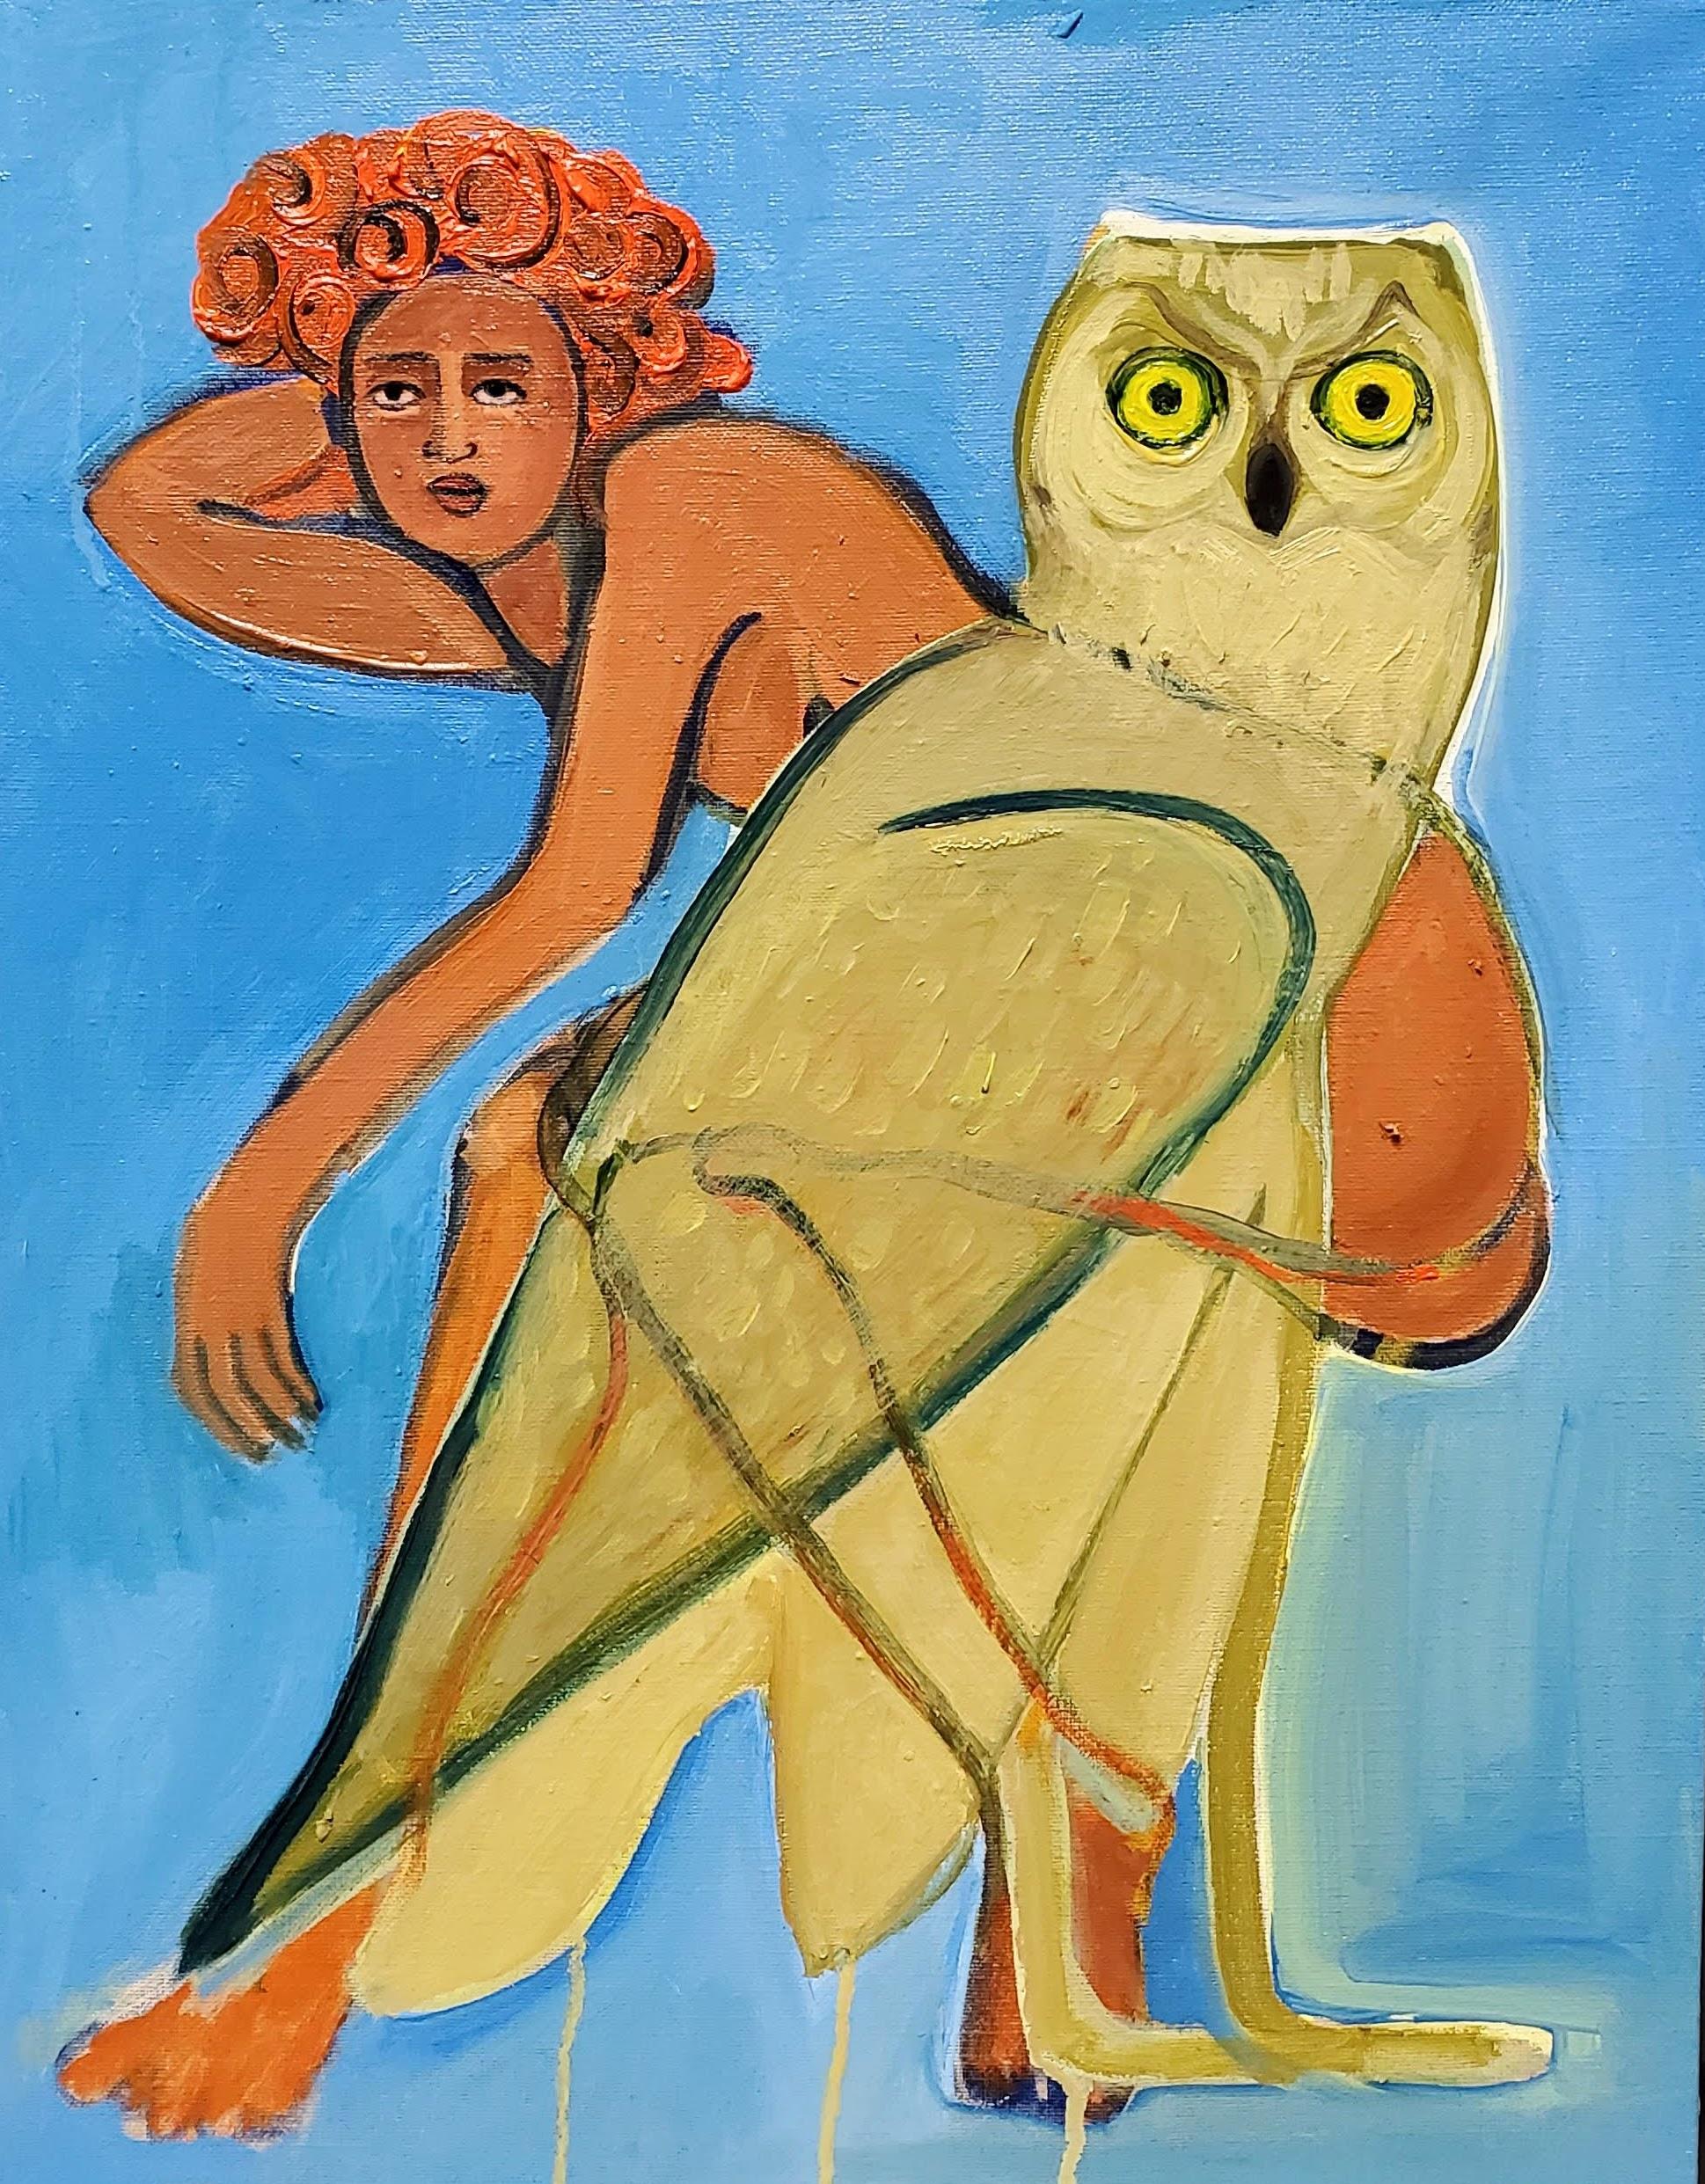 Like an Owl, 2020, oil on canvas, 35.5 x 45.7 cm.